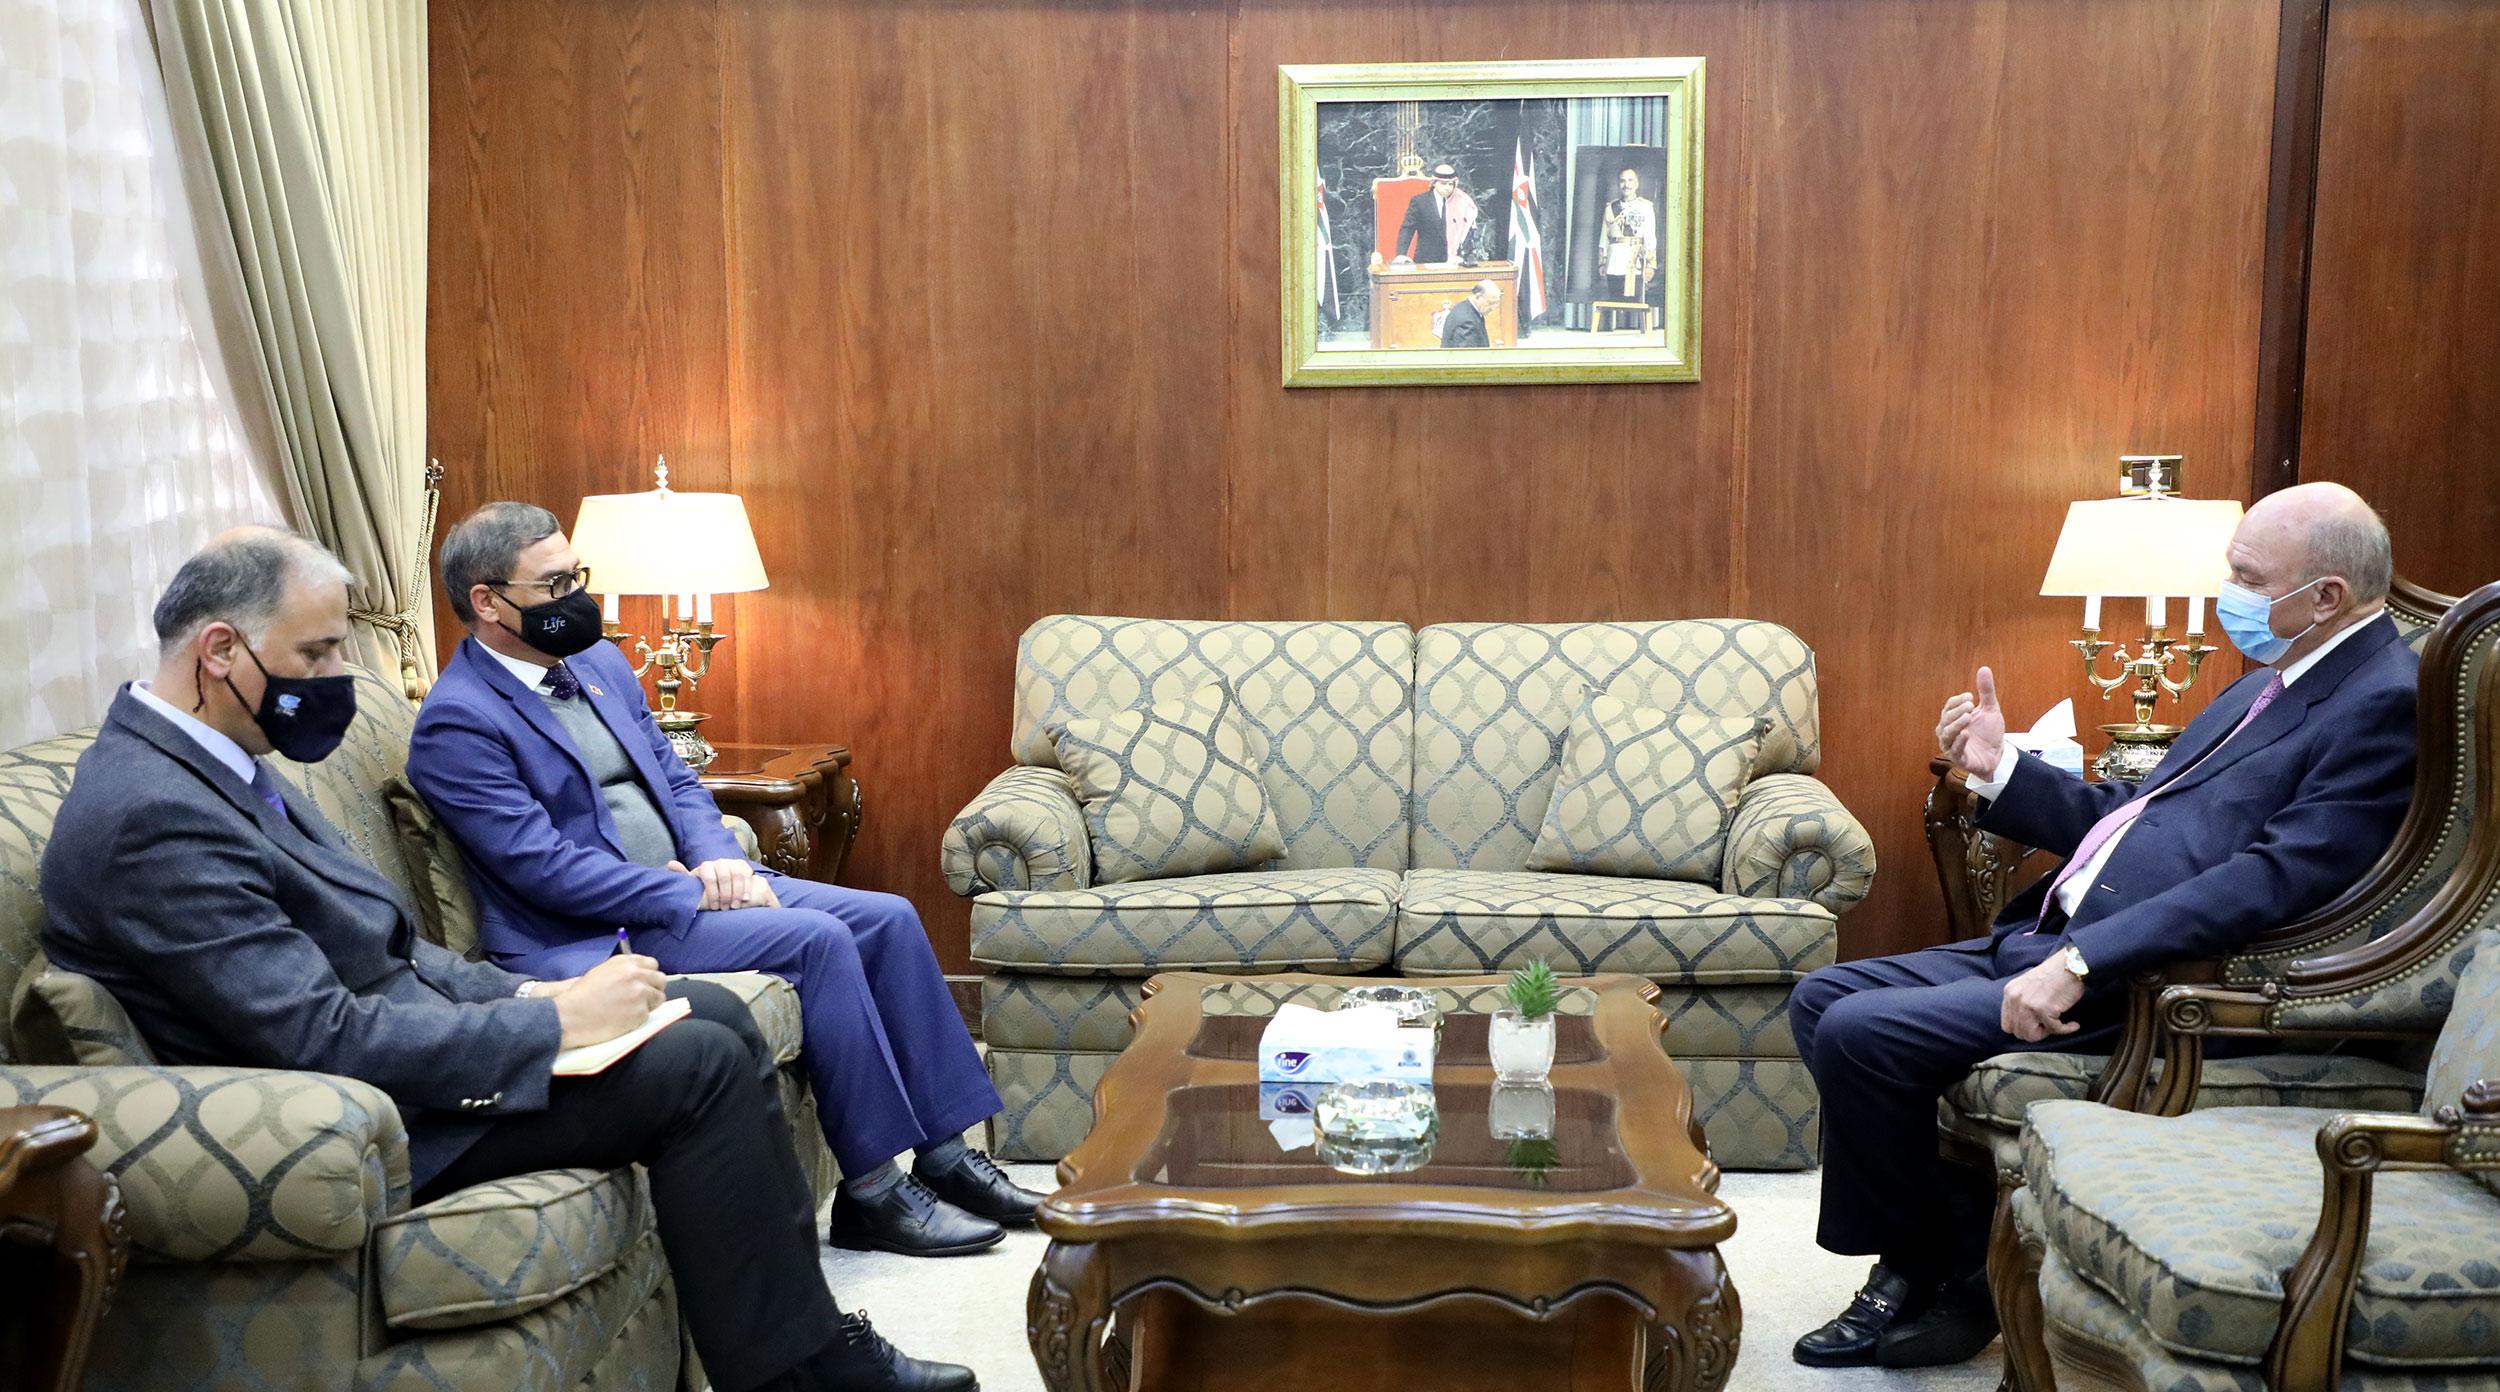 رئيس مجلس الأعيان يلتقي سفير جمهورية أفغانستان الإسلامية لدى المملكة